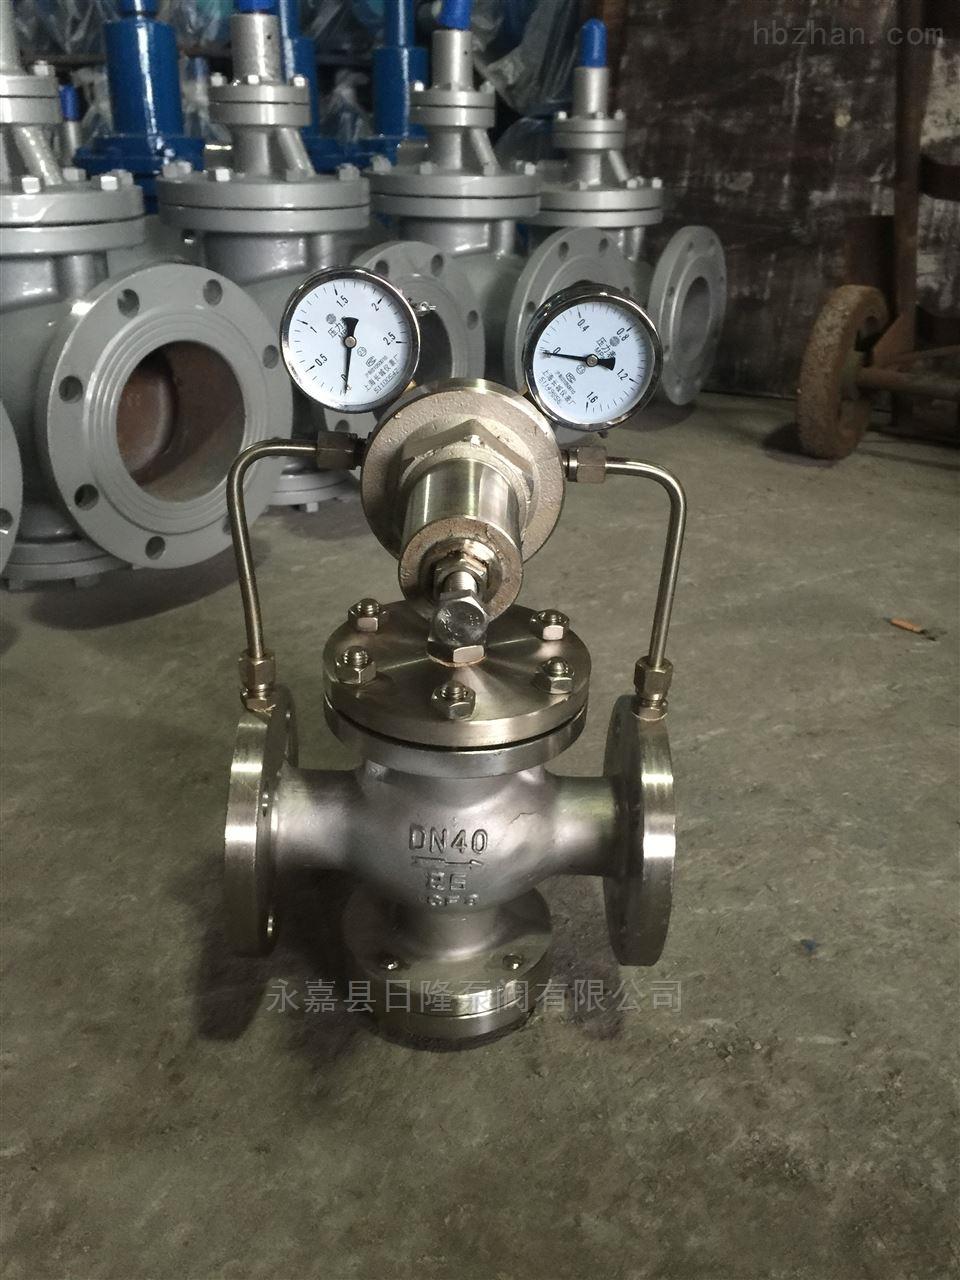 石油液化气减压阀